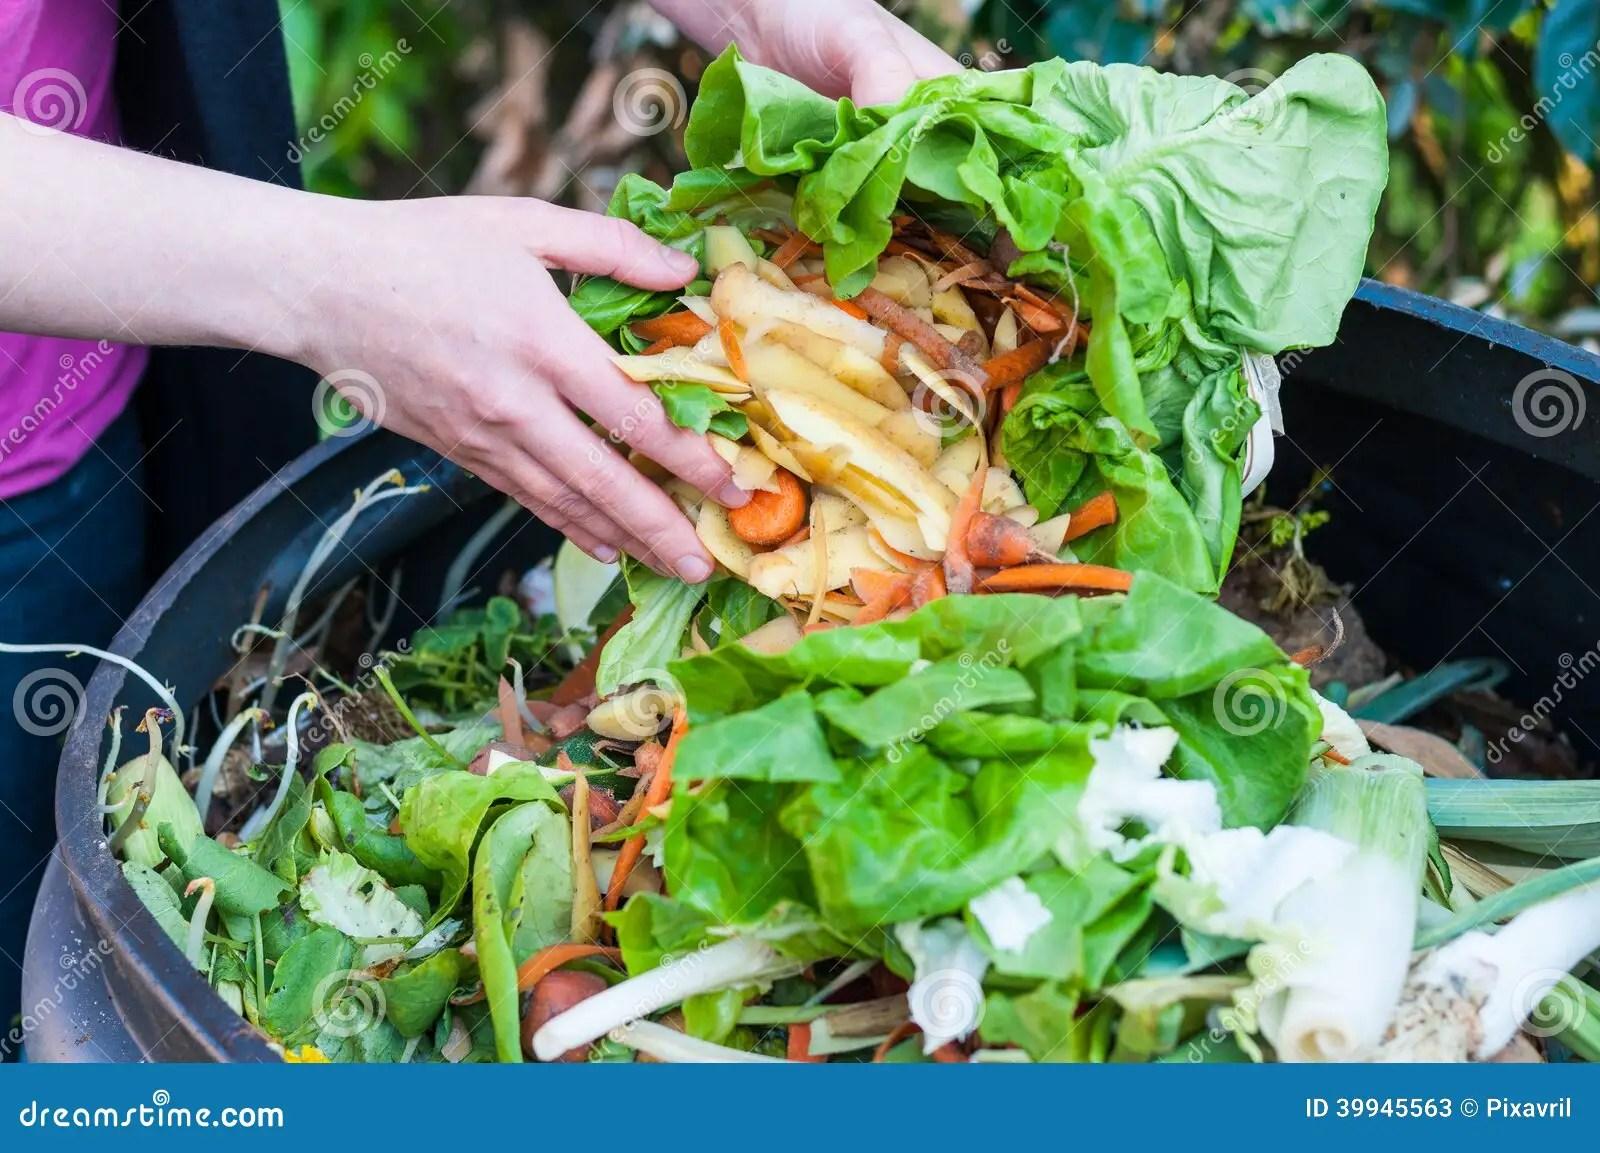 kitchen composter swivel chairs 堆肥库存图片 图片包括有厨房 绿色 浪费 肥料 环境 容器 票据 堆肥厨房废物的妇女